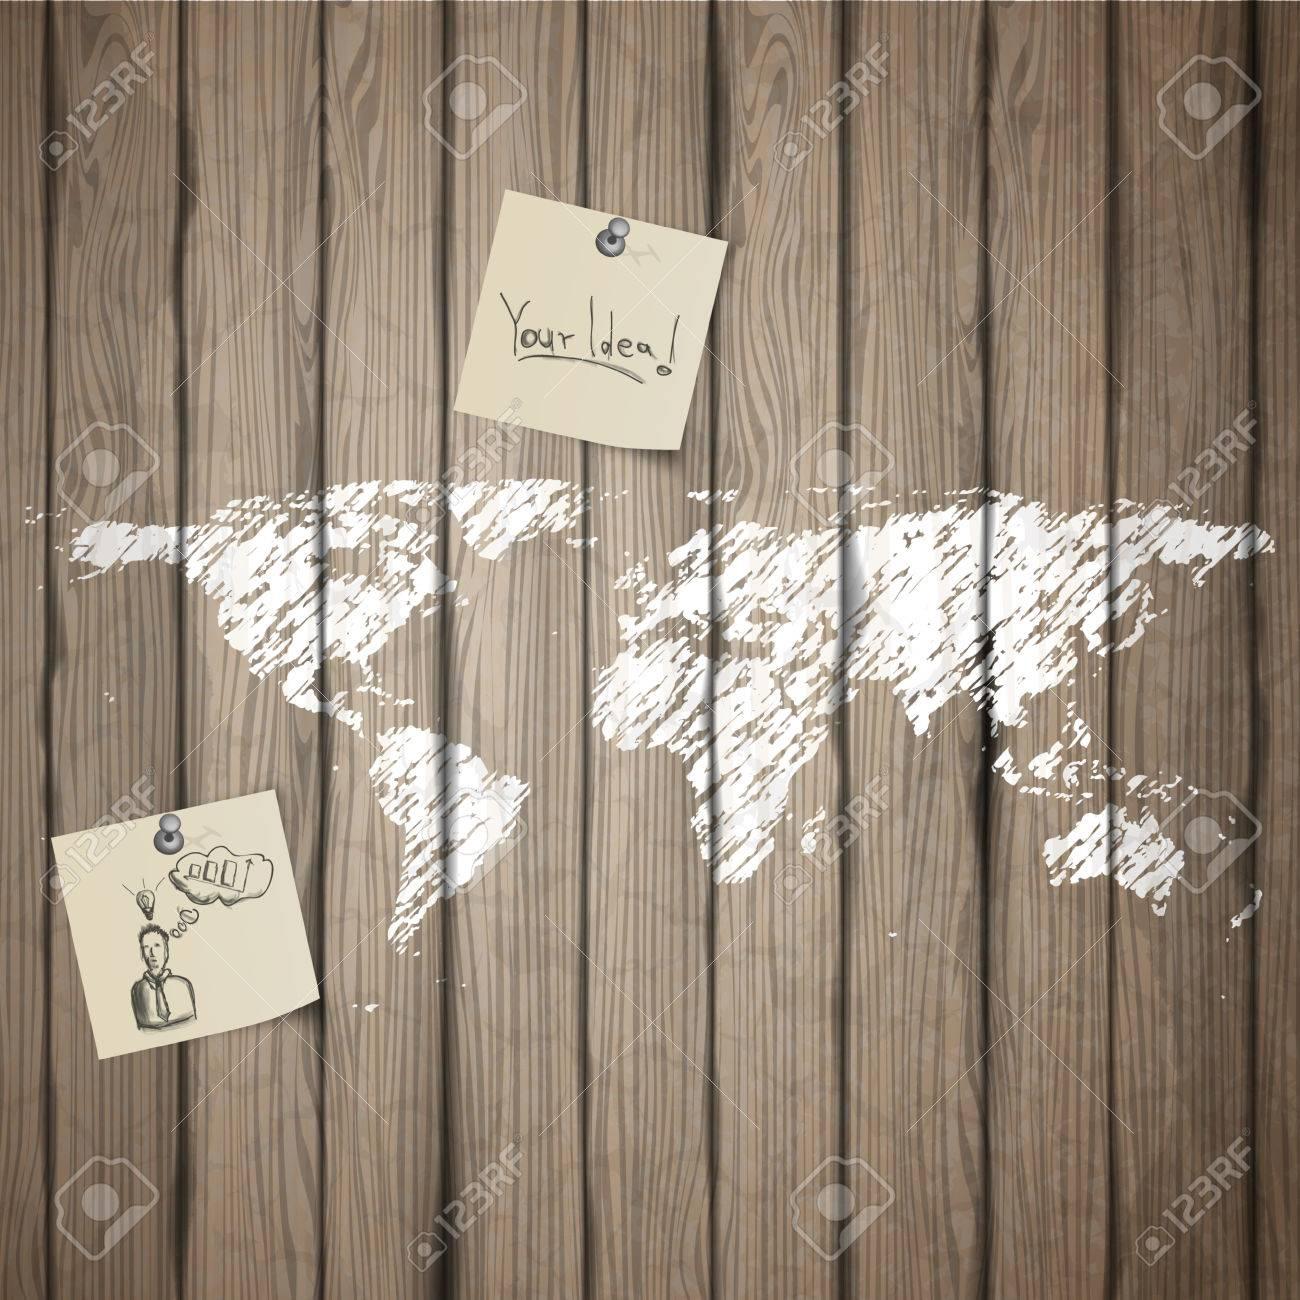 Ordinaire Papier Peint Vieille Planche #7: Peint Carte De La Terre Sur La Vieille Planche De Bois Avec Du Papier De  Note